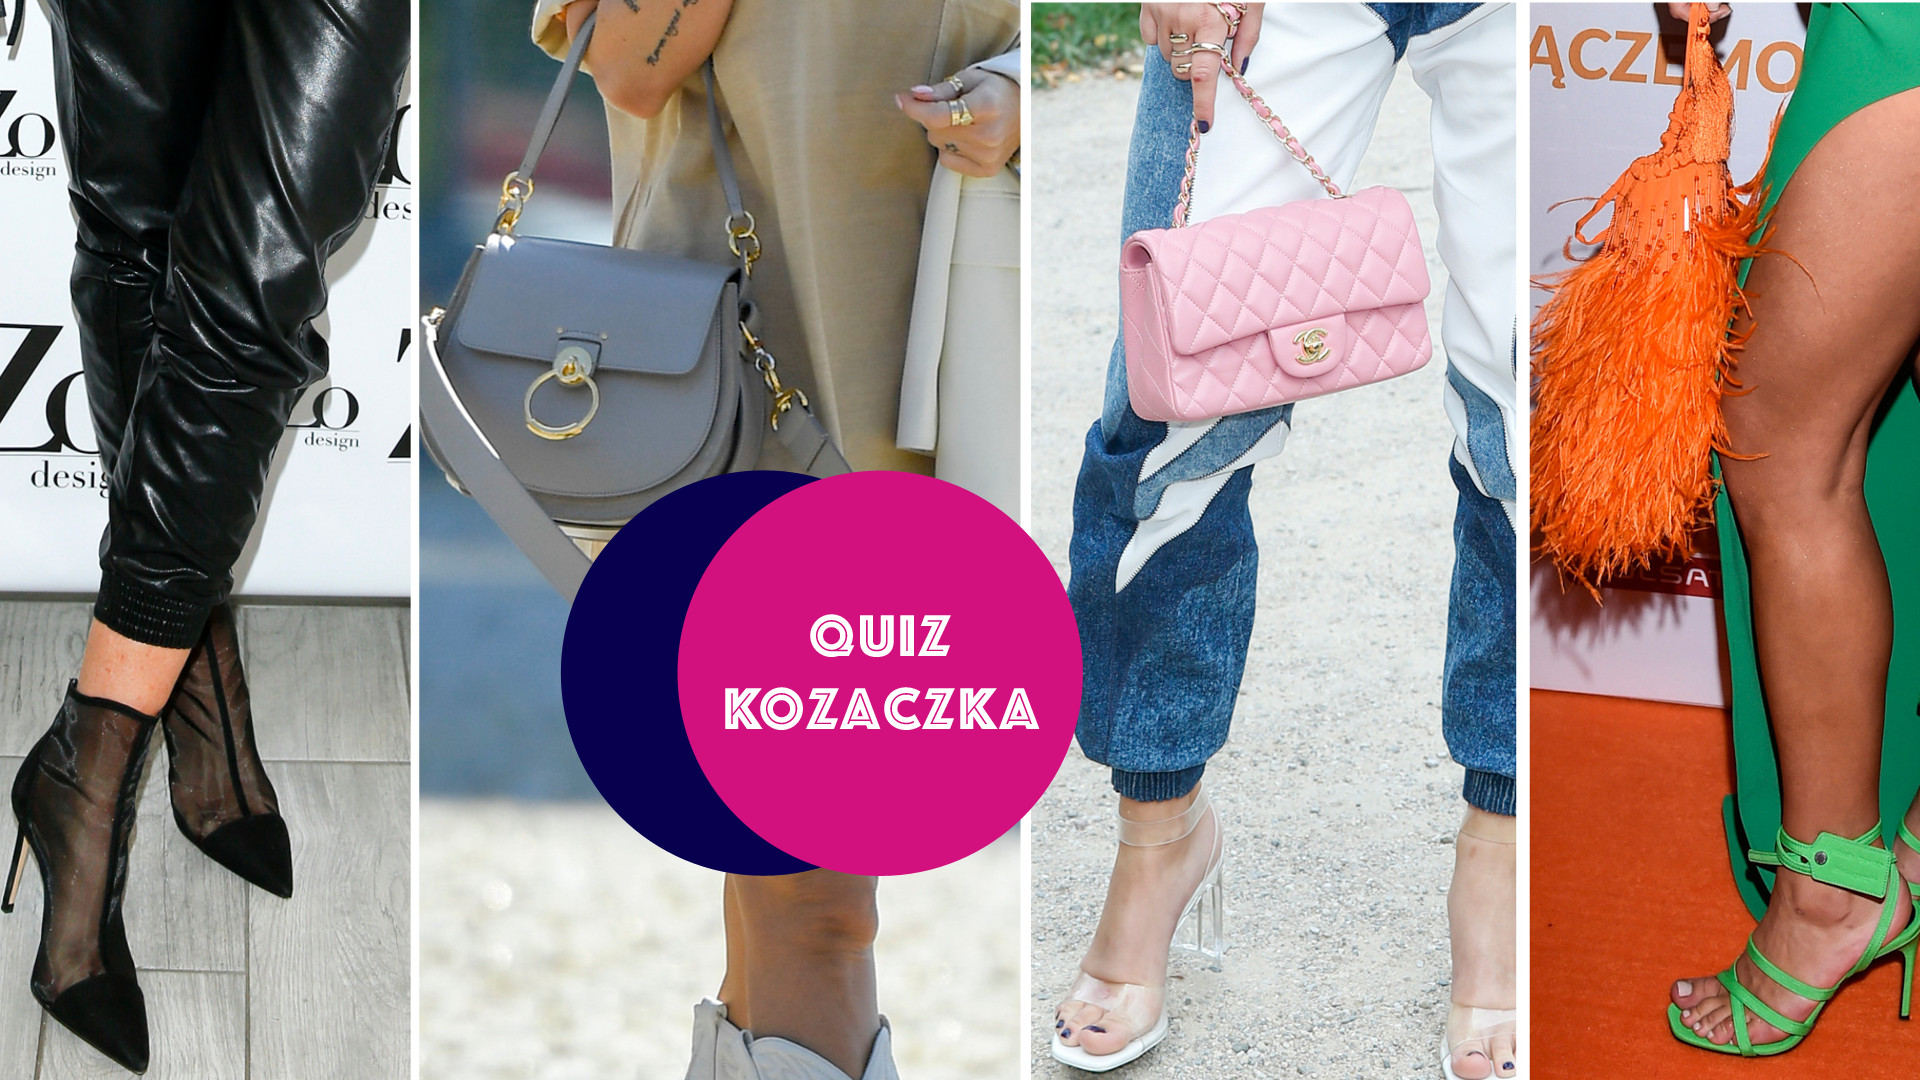 Poznasz polską gwiazdę po jej ubraniu i dodatkach? (QUIZ)